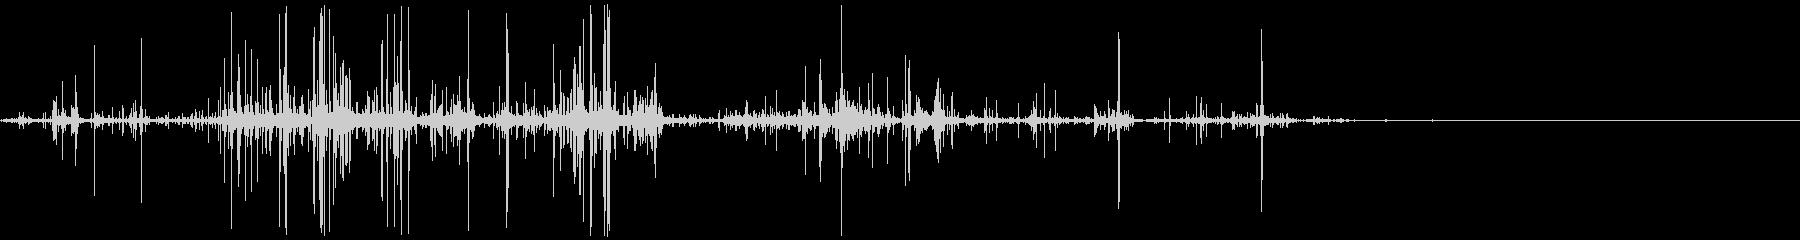 キリキリとした摩擦音 11の未再生の波形